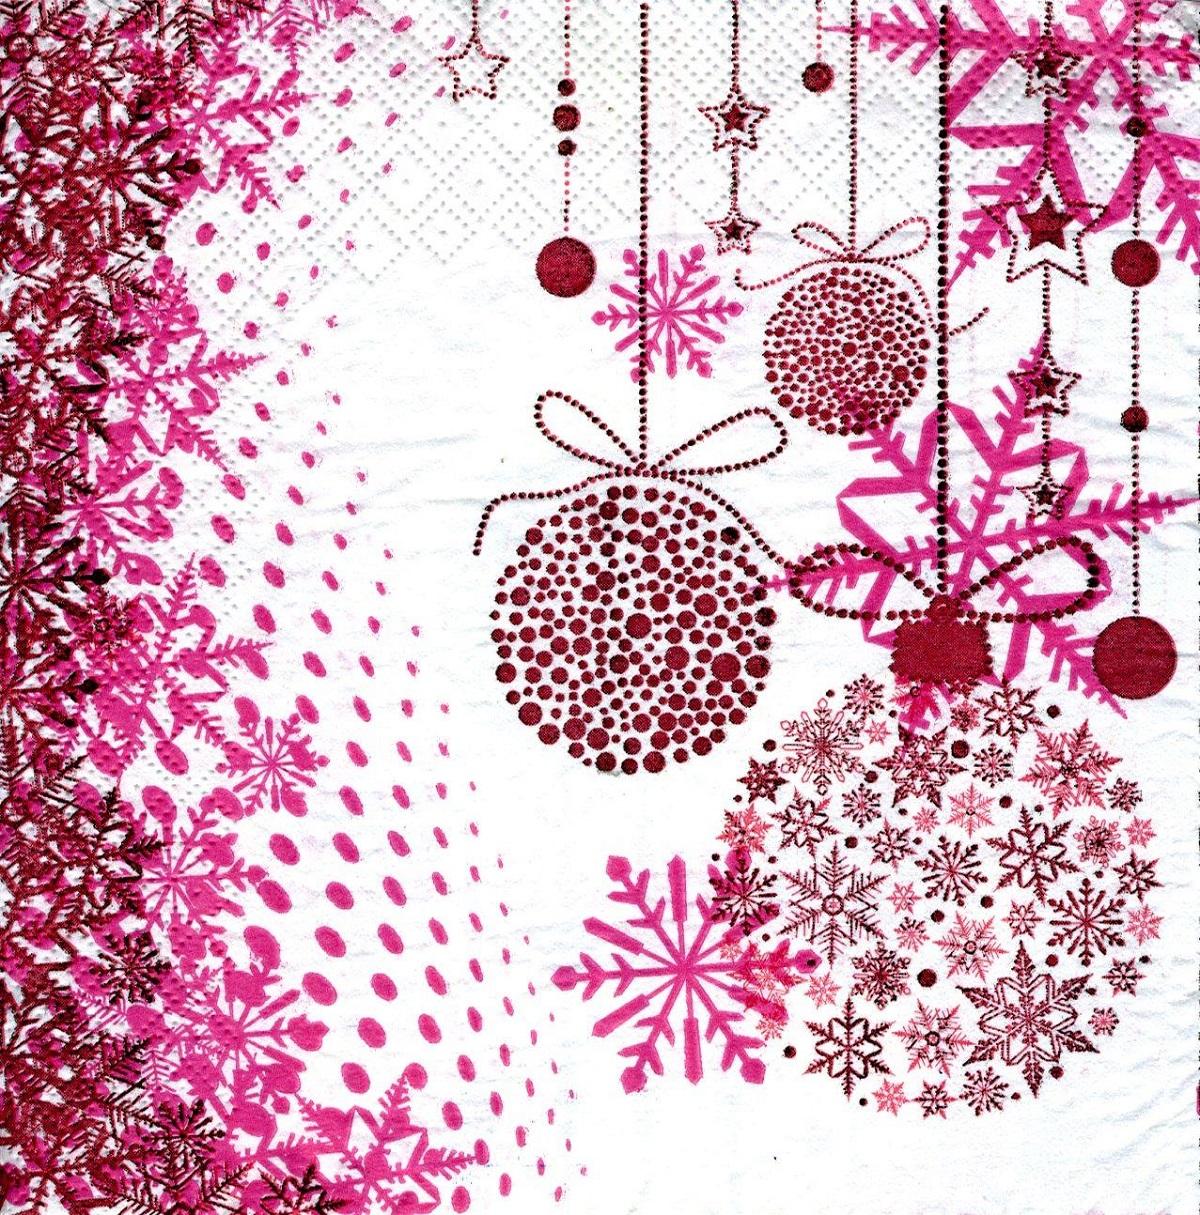 Салфетки бумажные Gratias Новогодние шары, трехслойные, 33 х 33 см, 20 шт90564Для бытового и санитарно-гигиенического назначения одноразового использования.